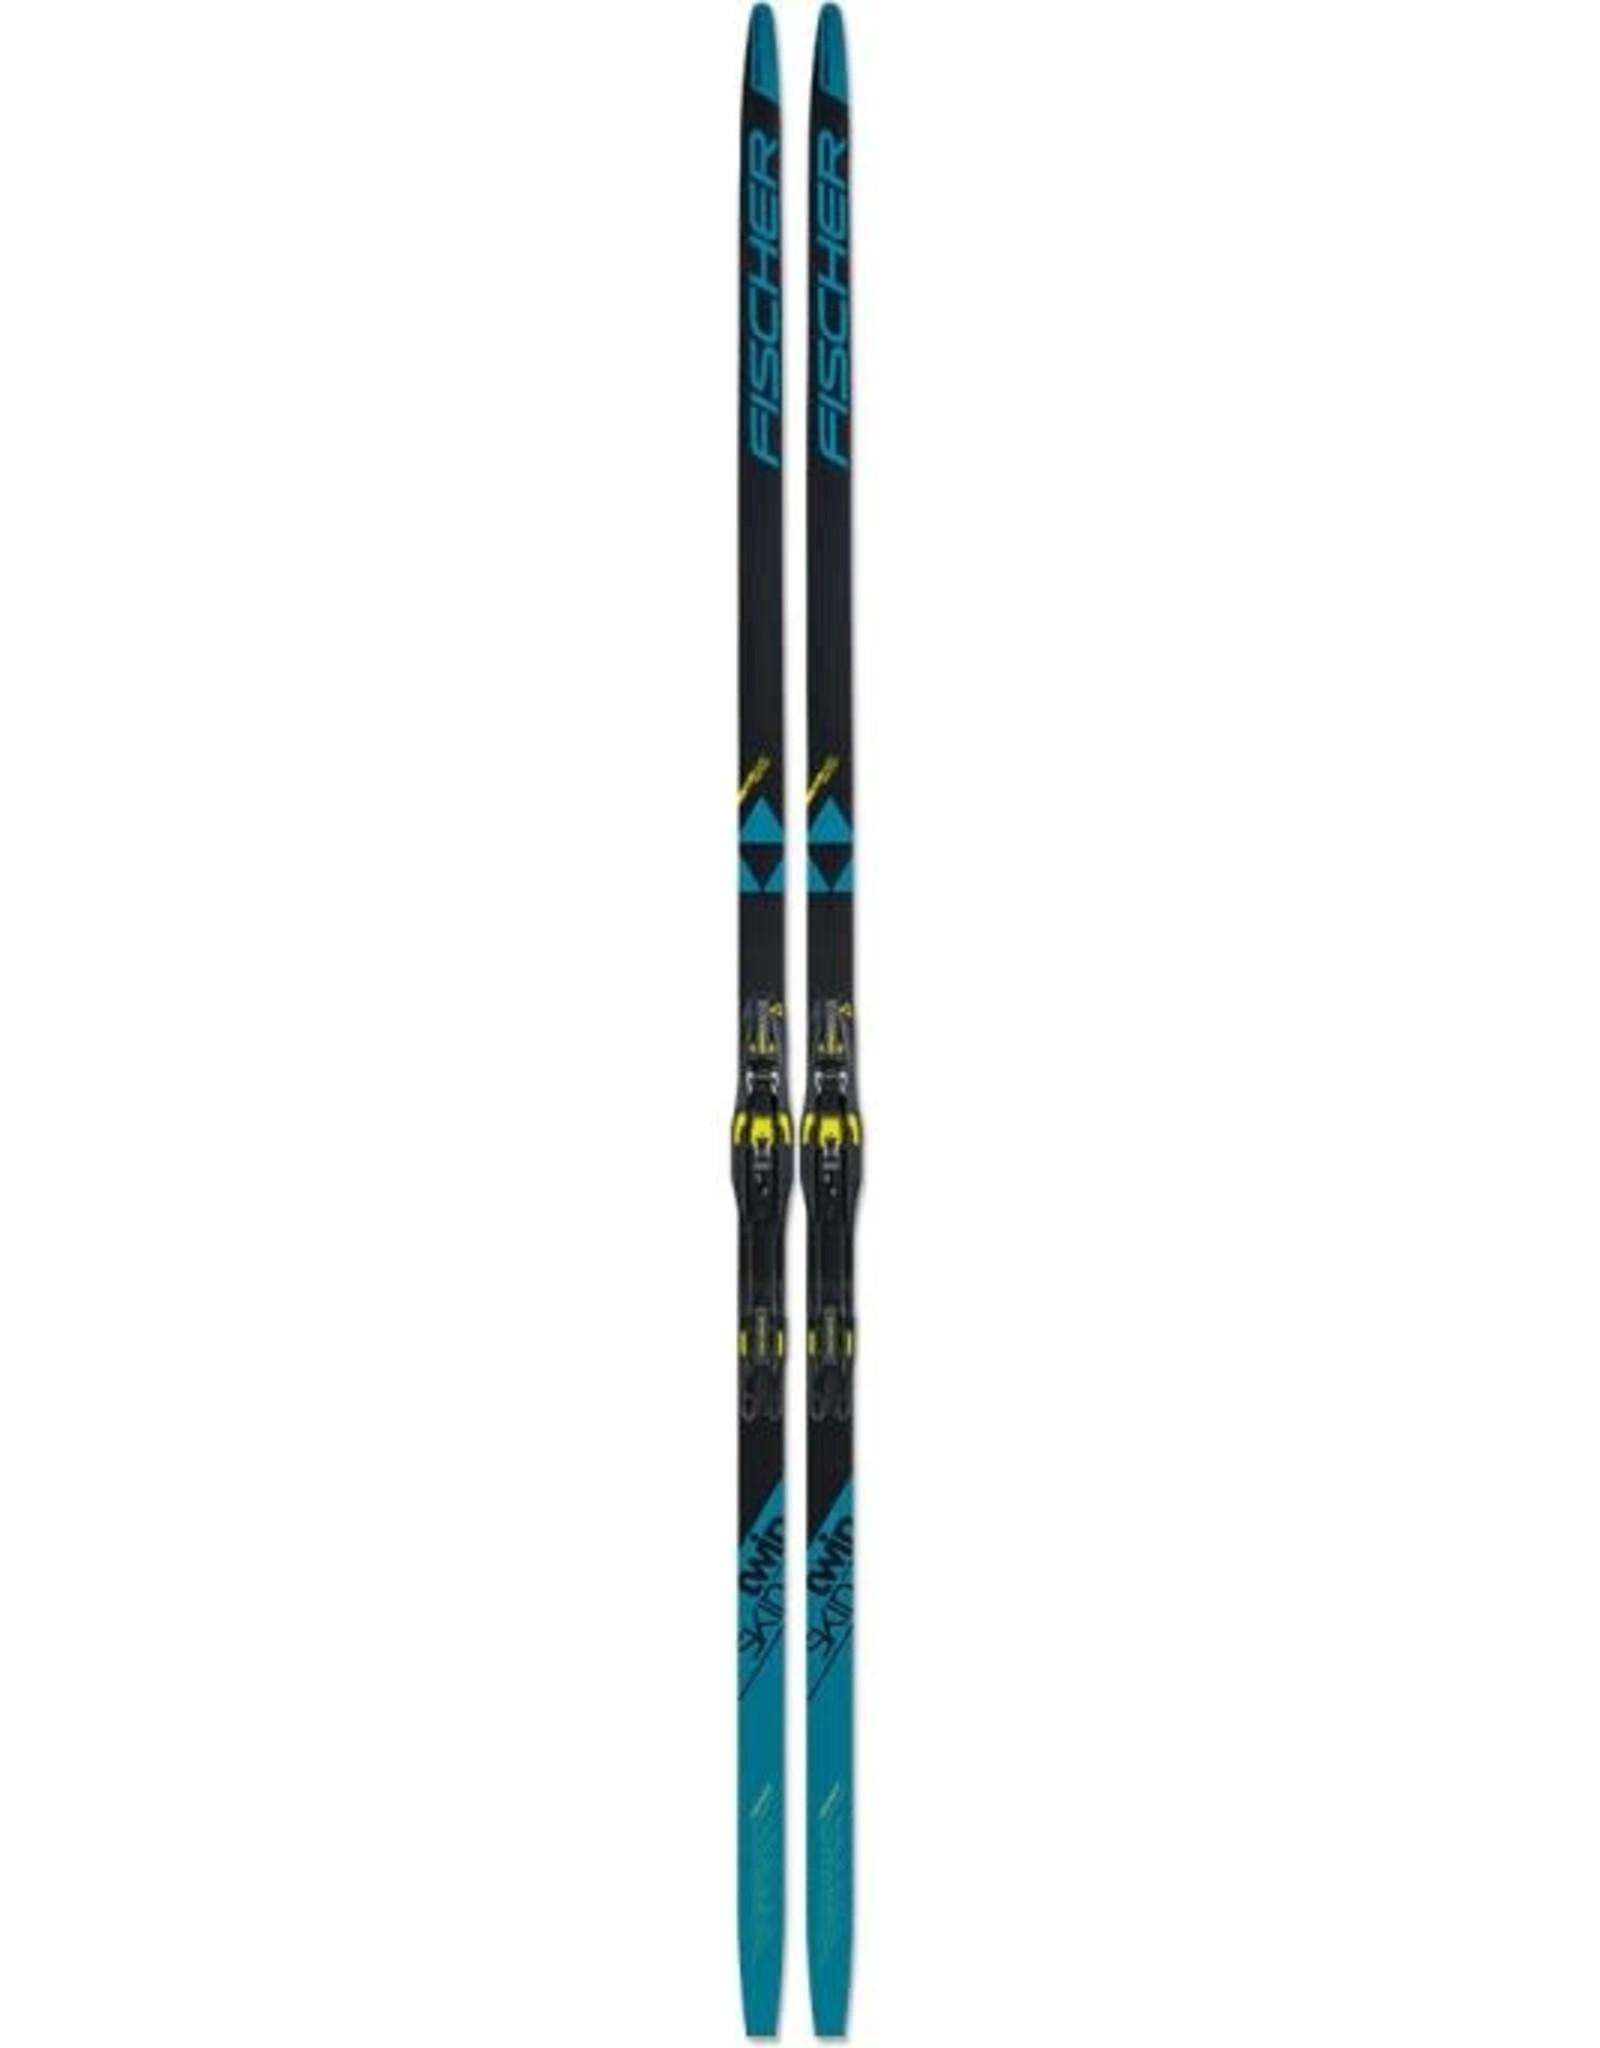 TWIN SKIN PERFORMANCE BLUE MEDIUM 192 (146-183lbs) avec Fix Control Step S96020